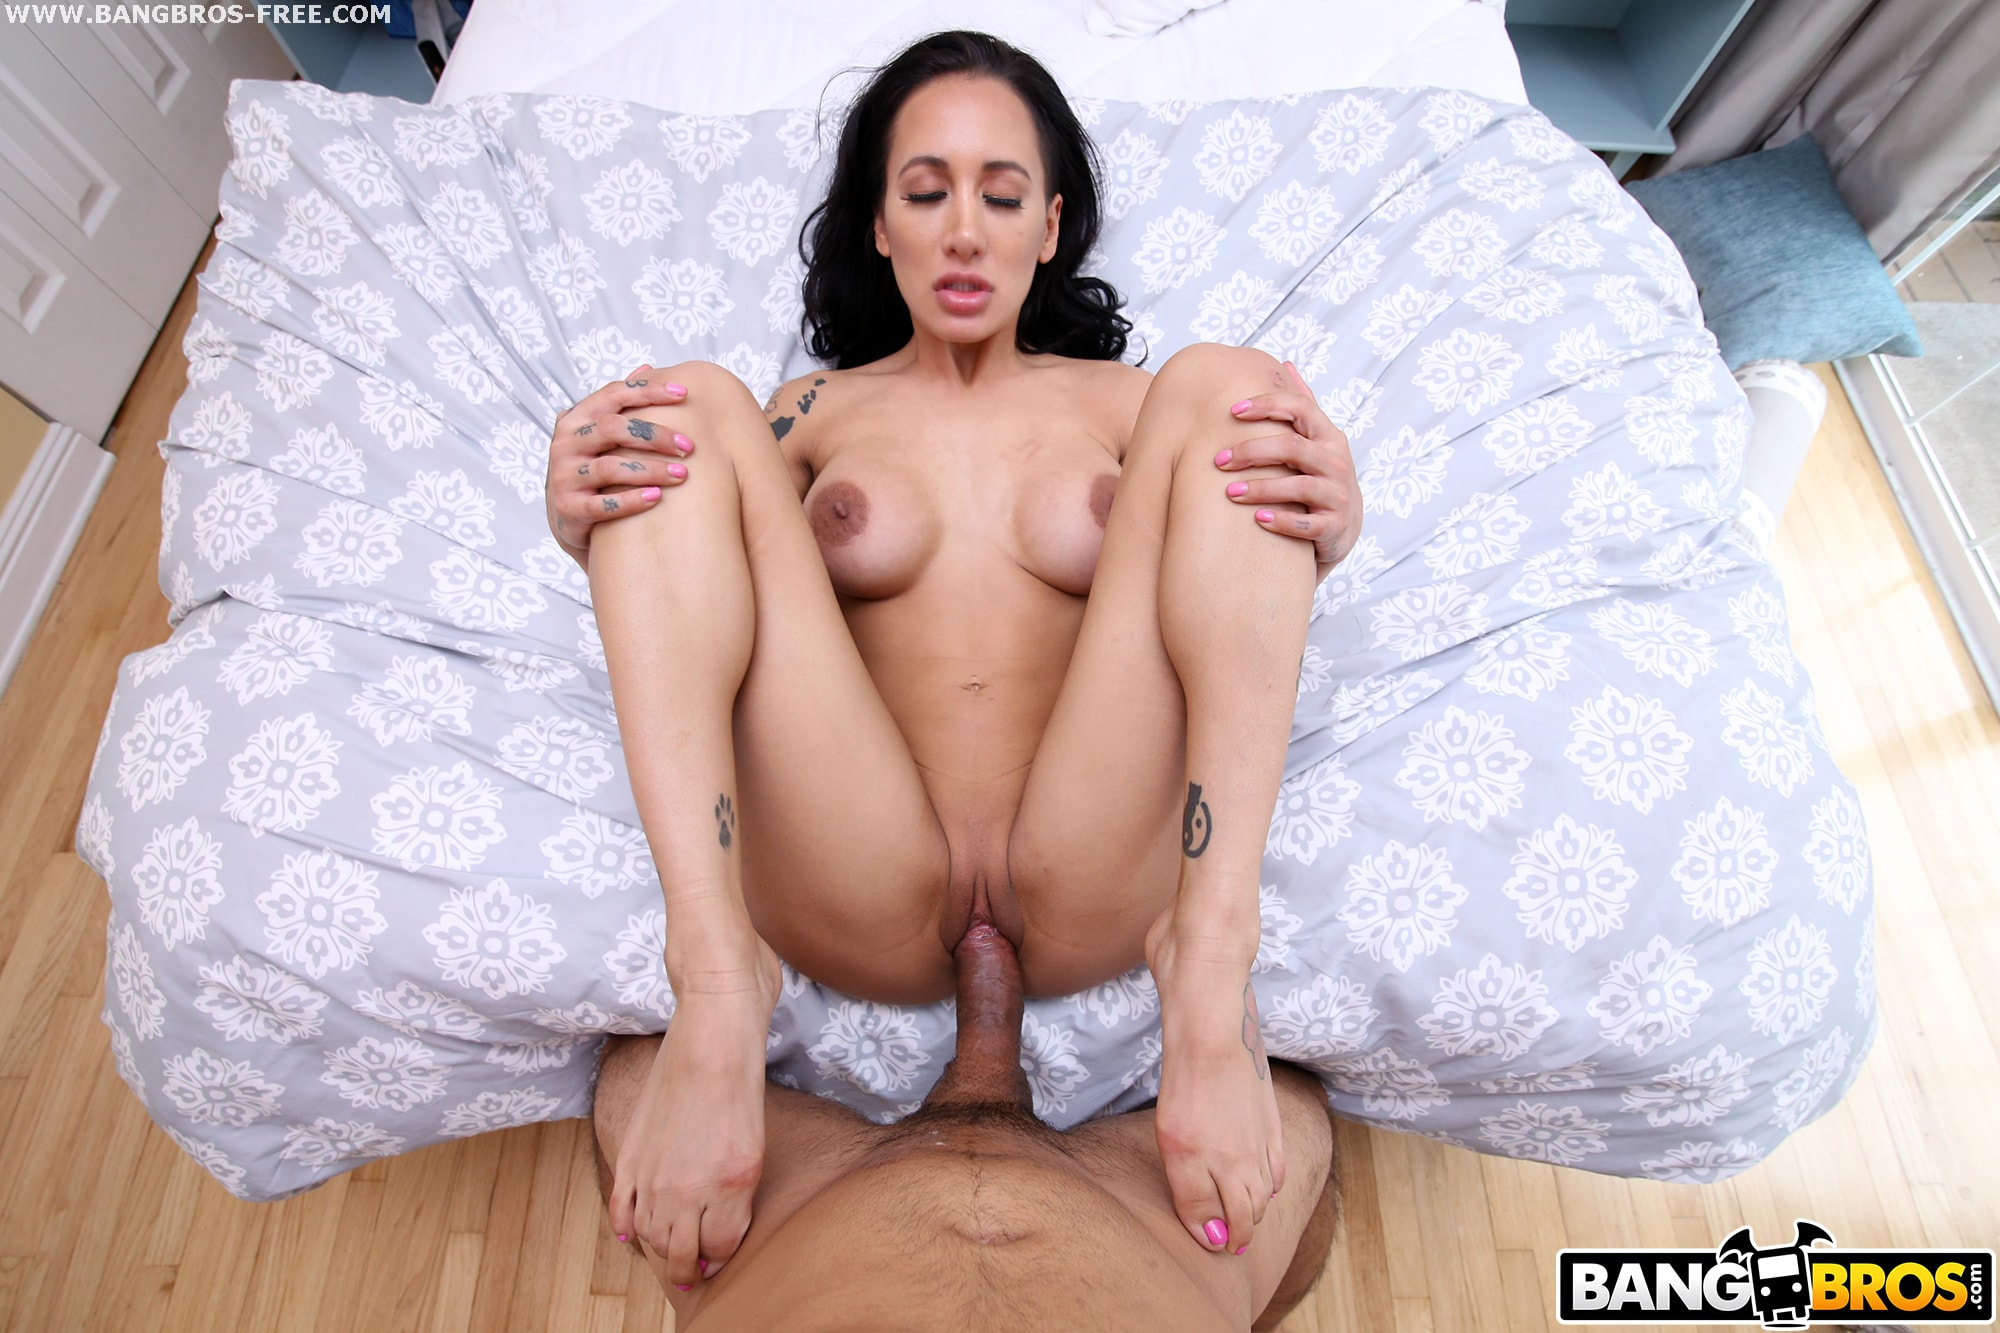 Young American Babe Miley Cole In Pov Porn Scene